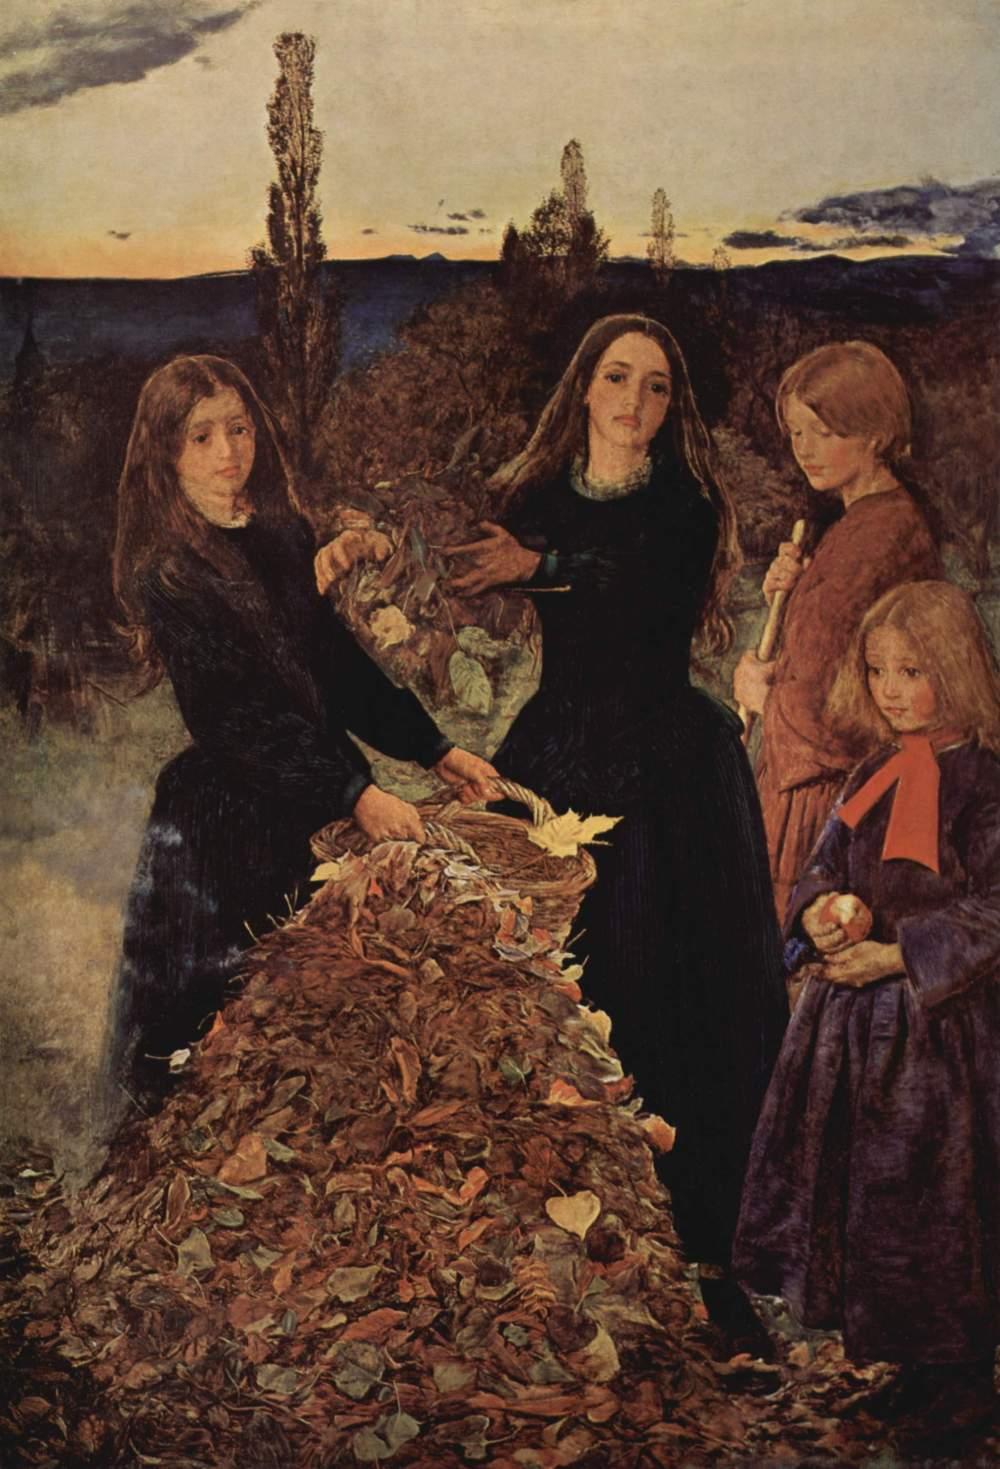 Sir John Everett Millais. Hojas de Otoño. 1856. Manchester Art Gallery.